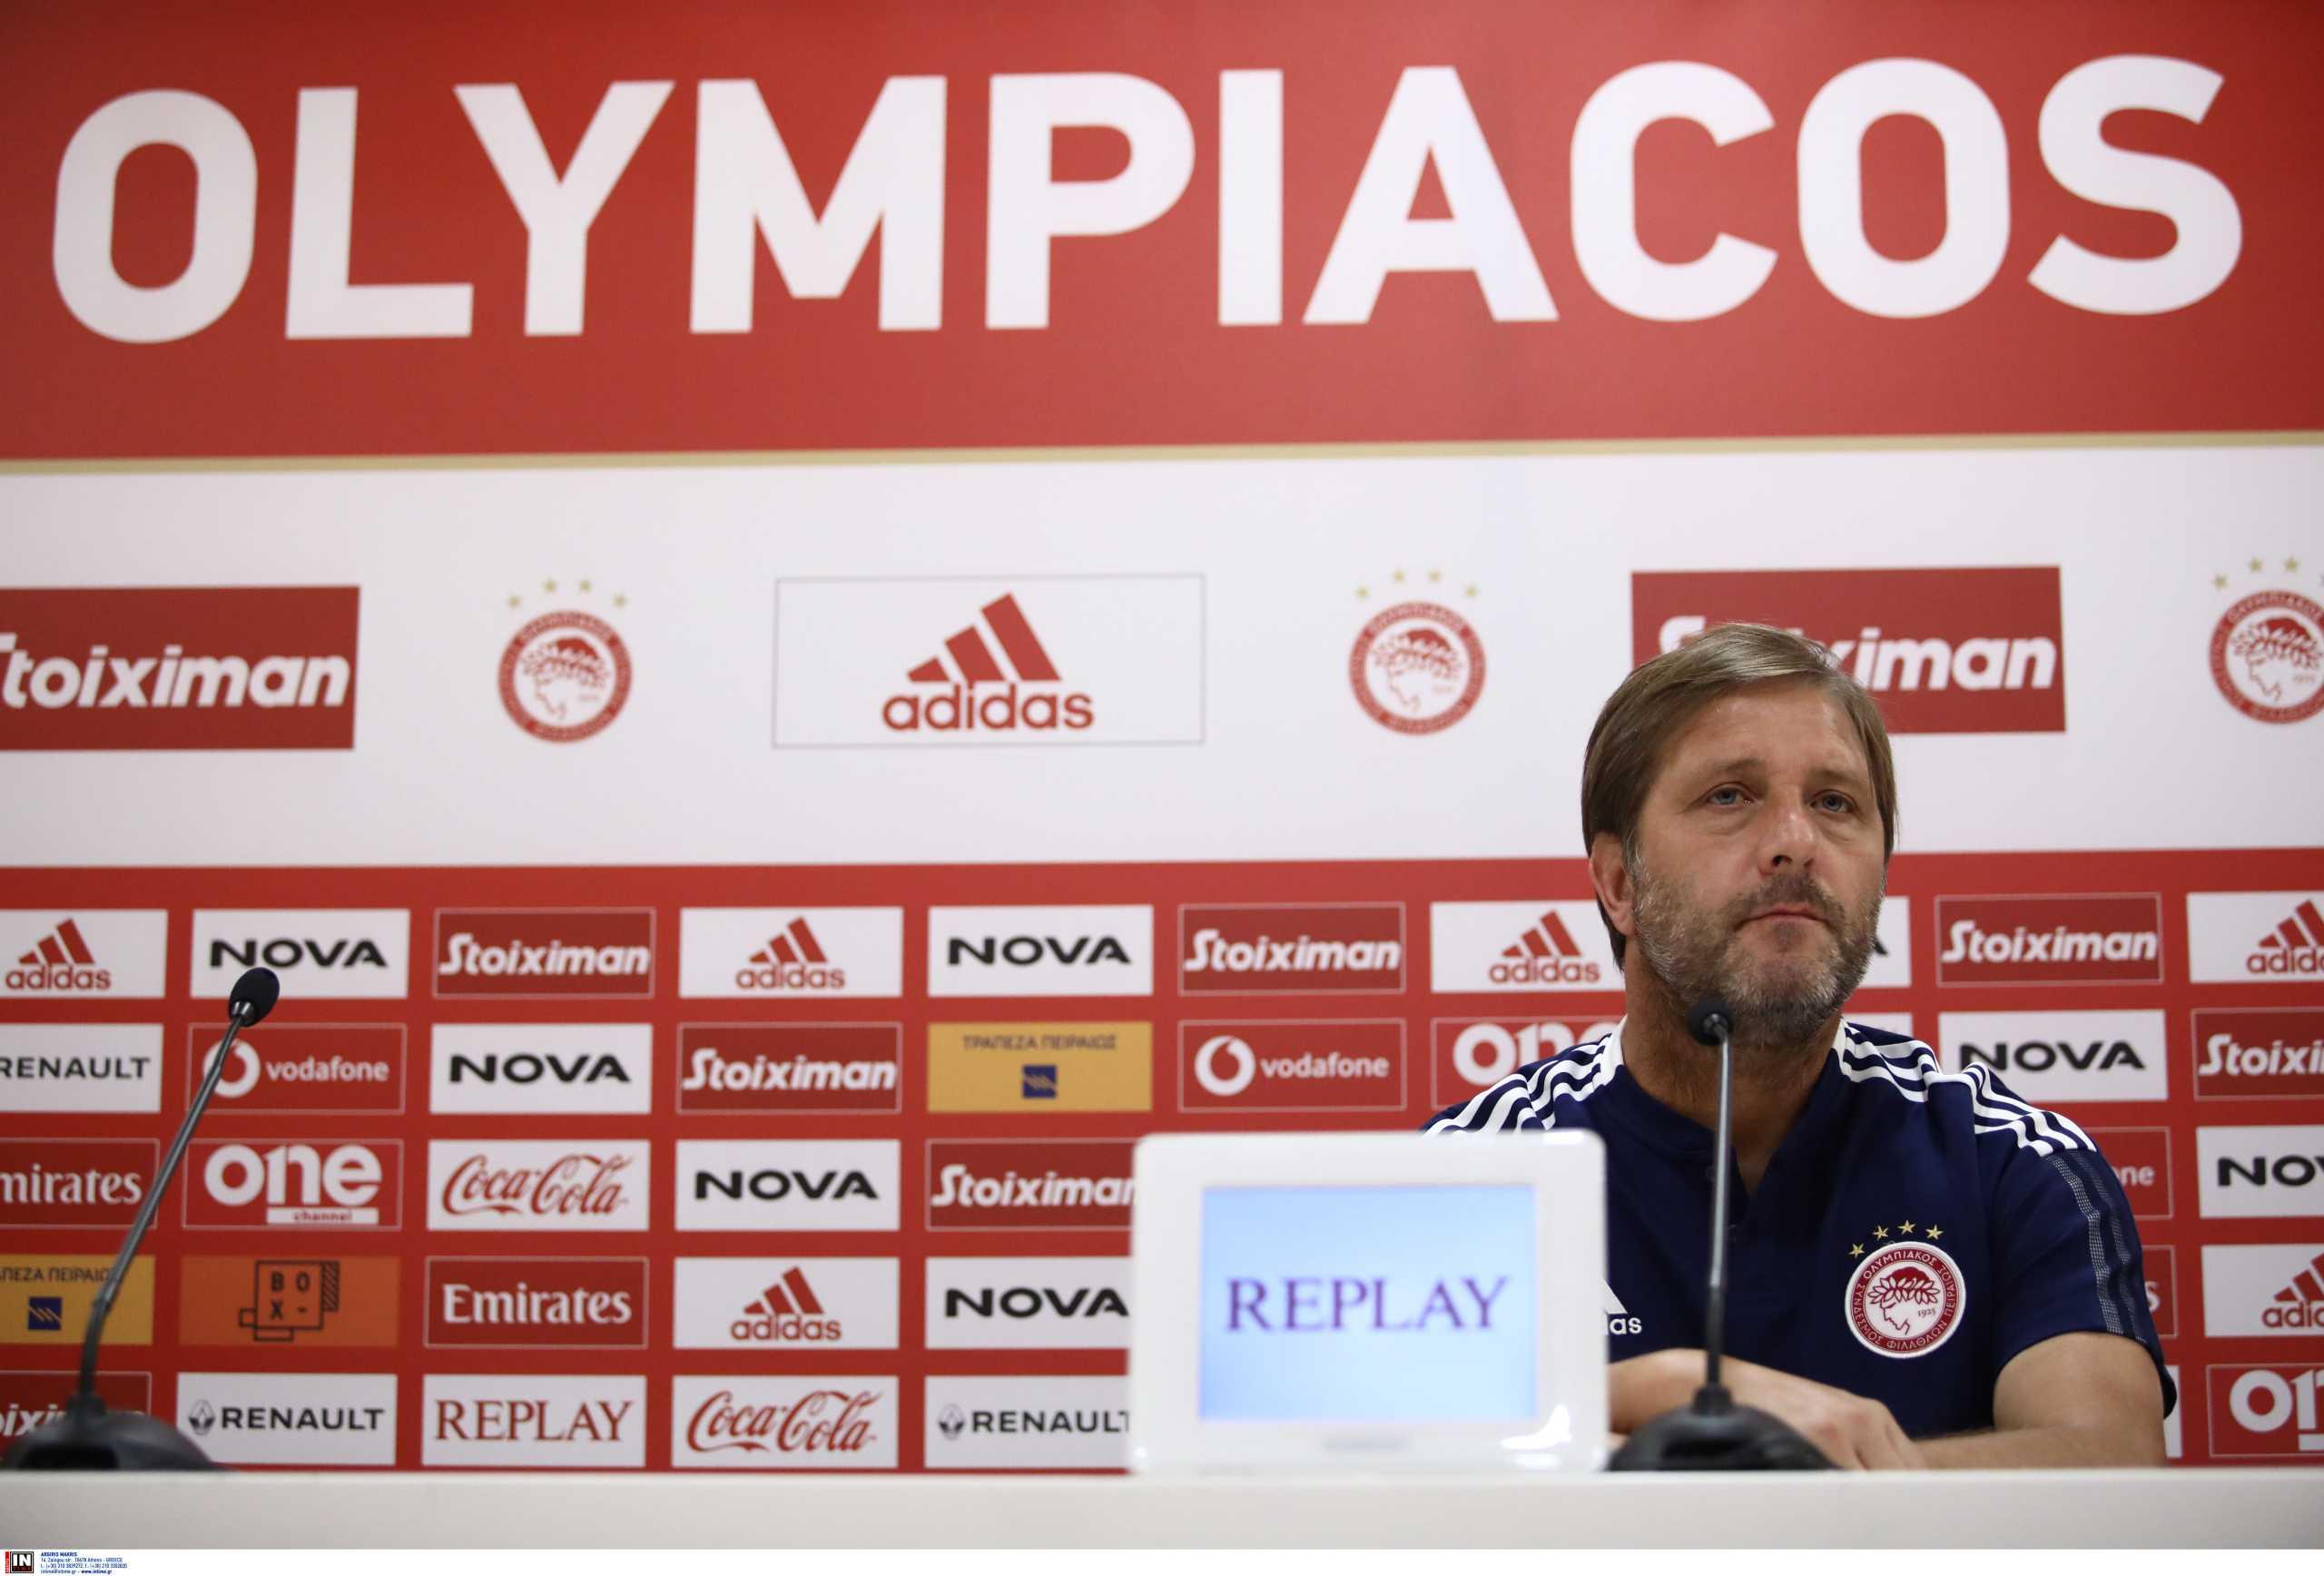 Ολυμπιακός: «Υπάρχουν προβλήματα κι έχουμε πολλές απουσίες» δήλωσε ο Μαρτίνς